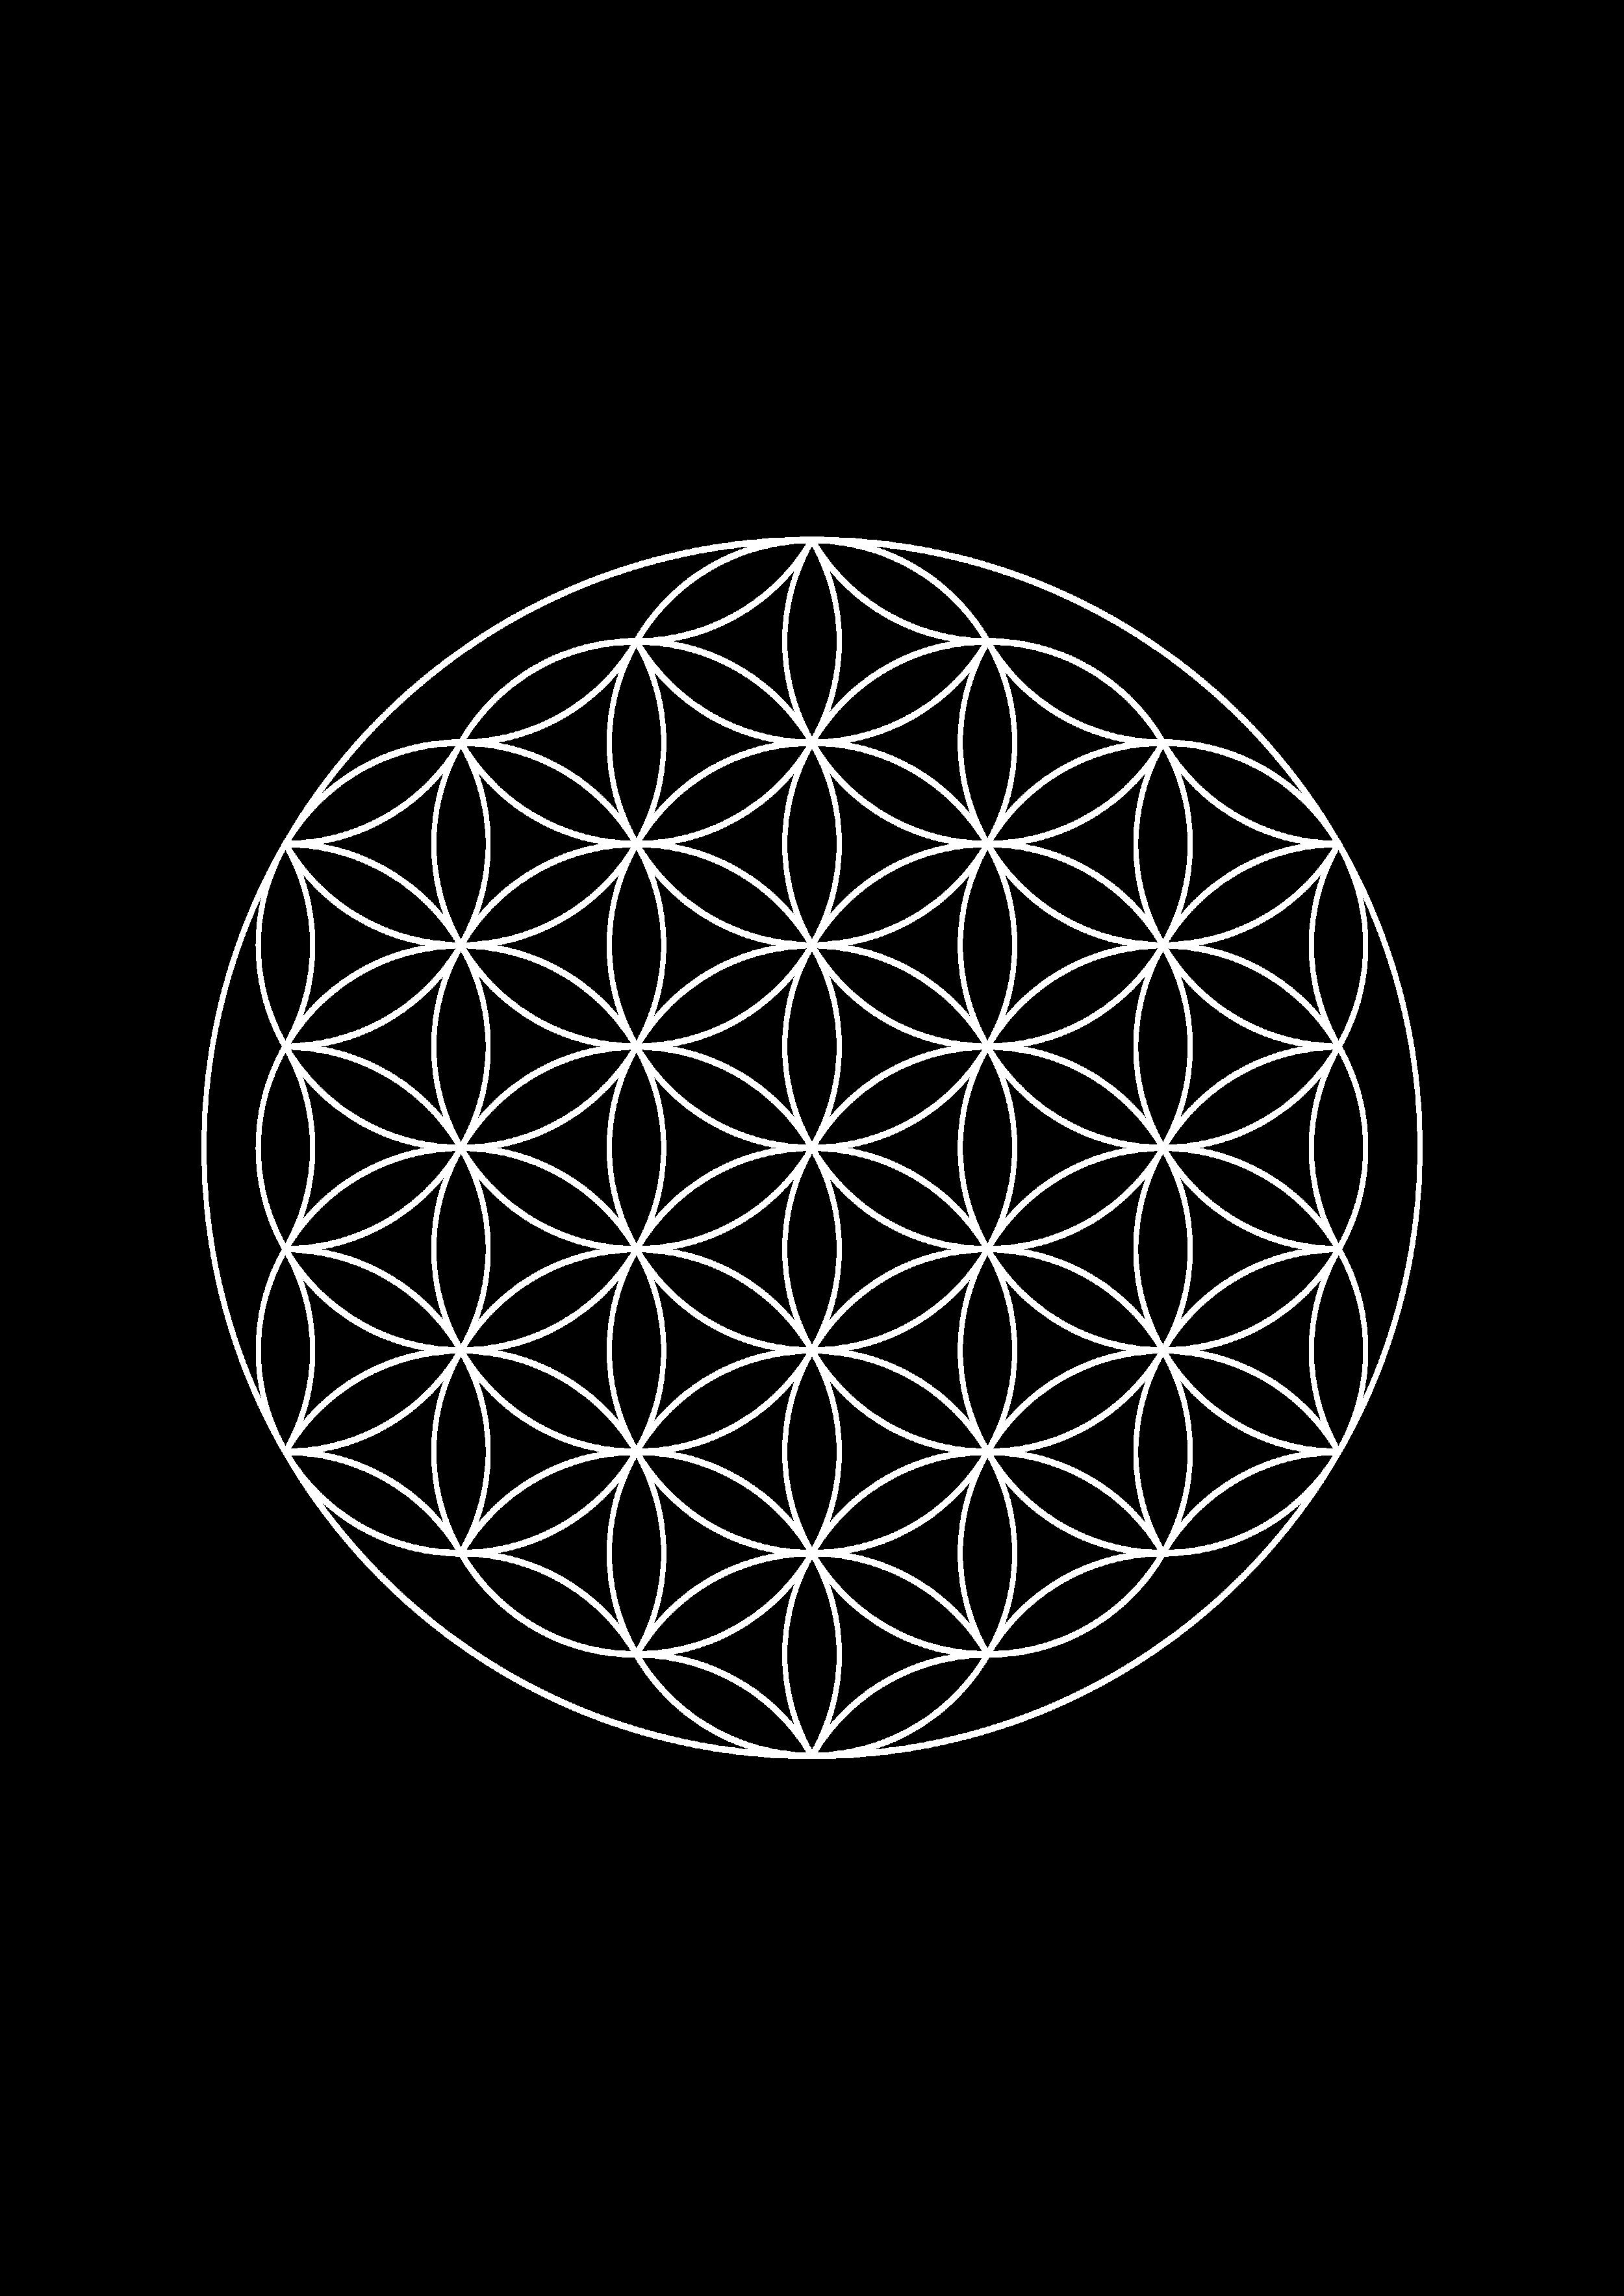 CIRCLES_02.png